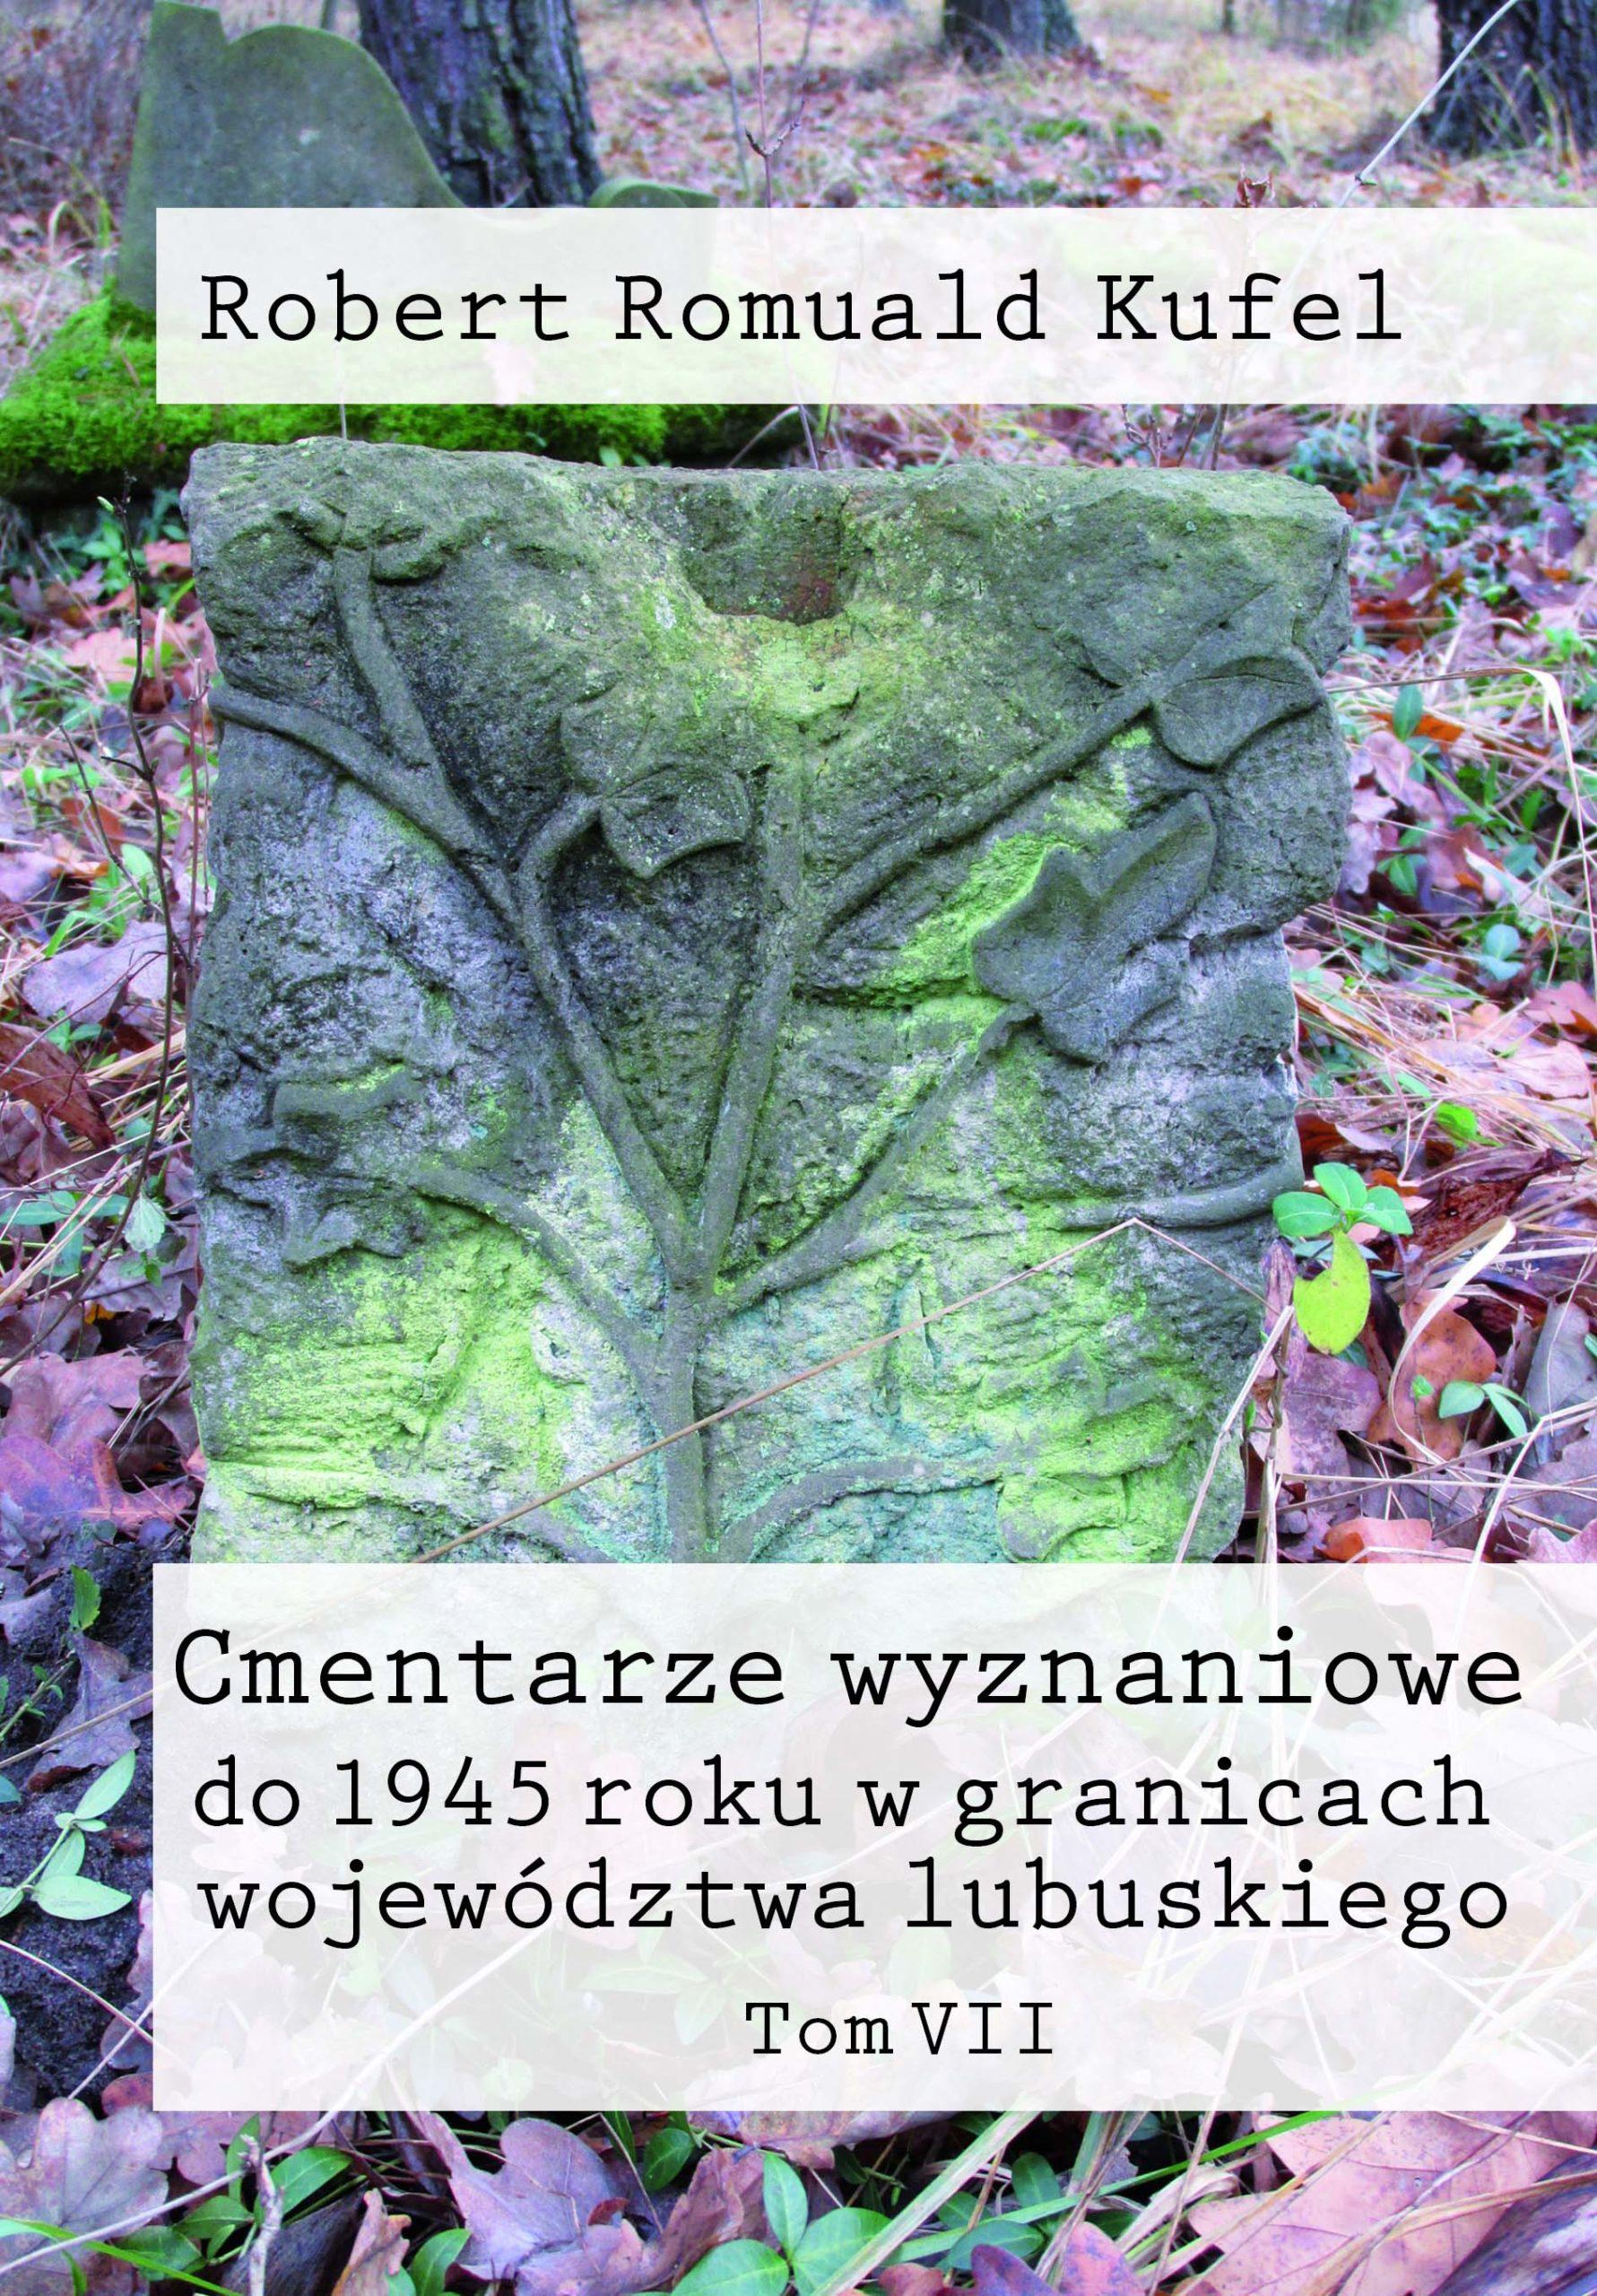 """Robert Romuald Kufel """"Cmentarze wyznaniowe do 1945 roku w granicach województwa lubuskiego"""" Tom VII"""